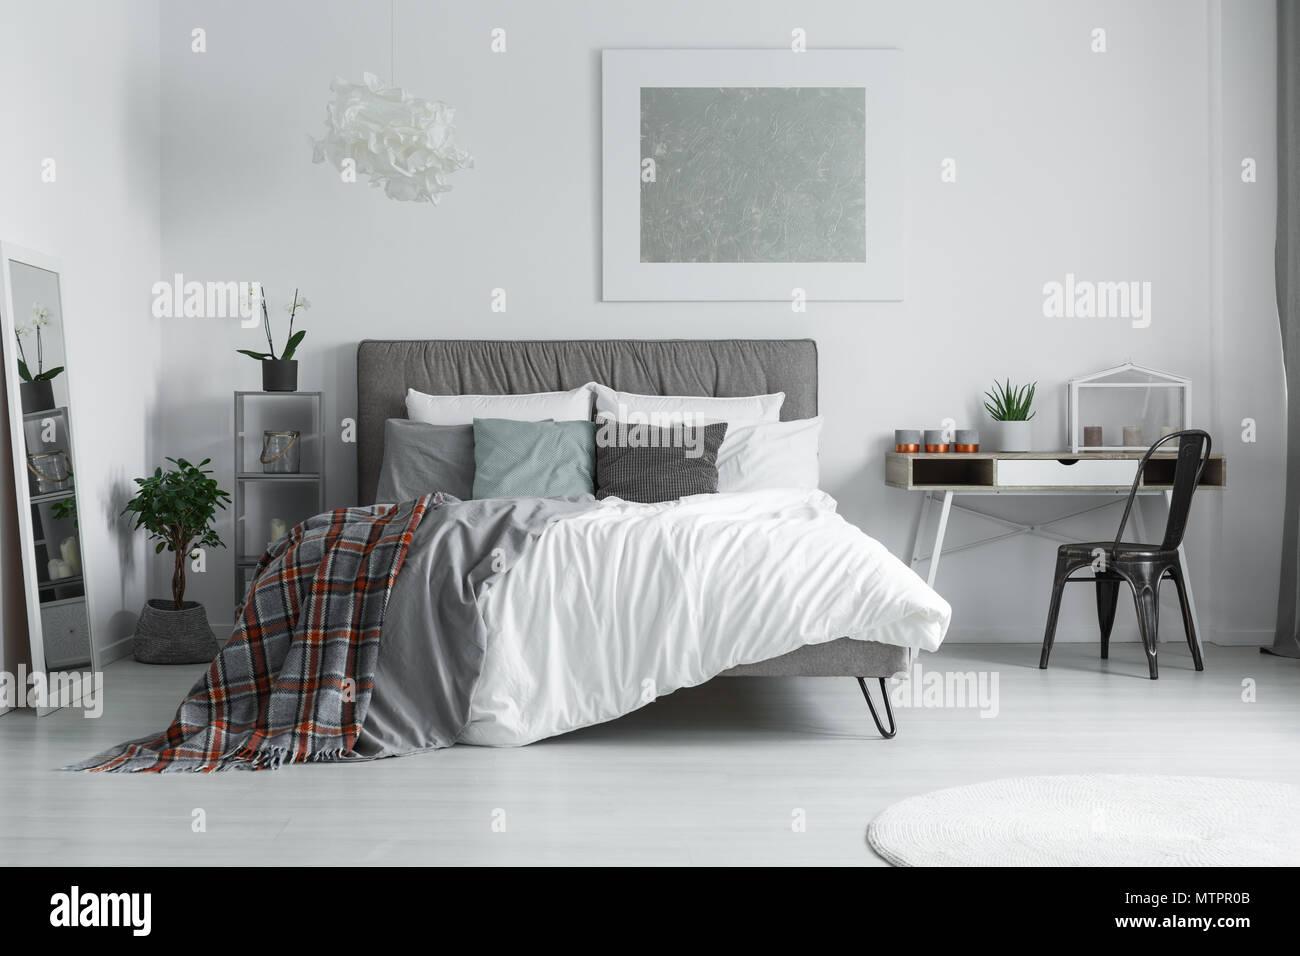 Checkered couverture jetée sur le lit dans une chambre avec bureau